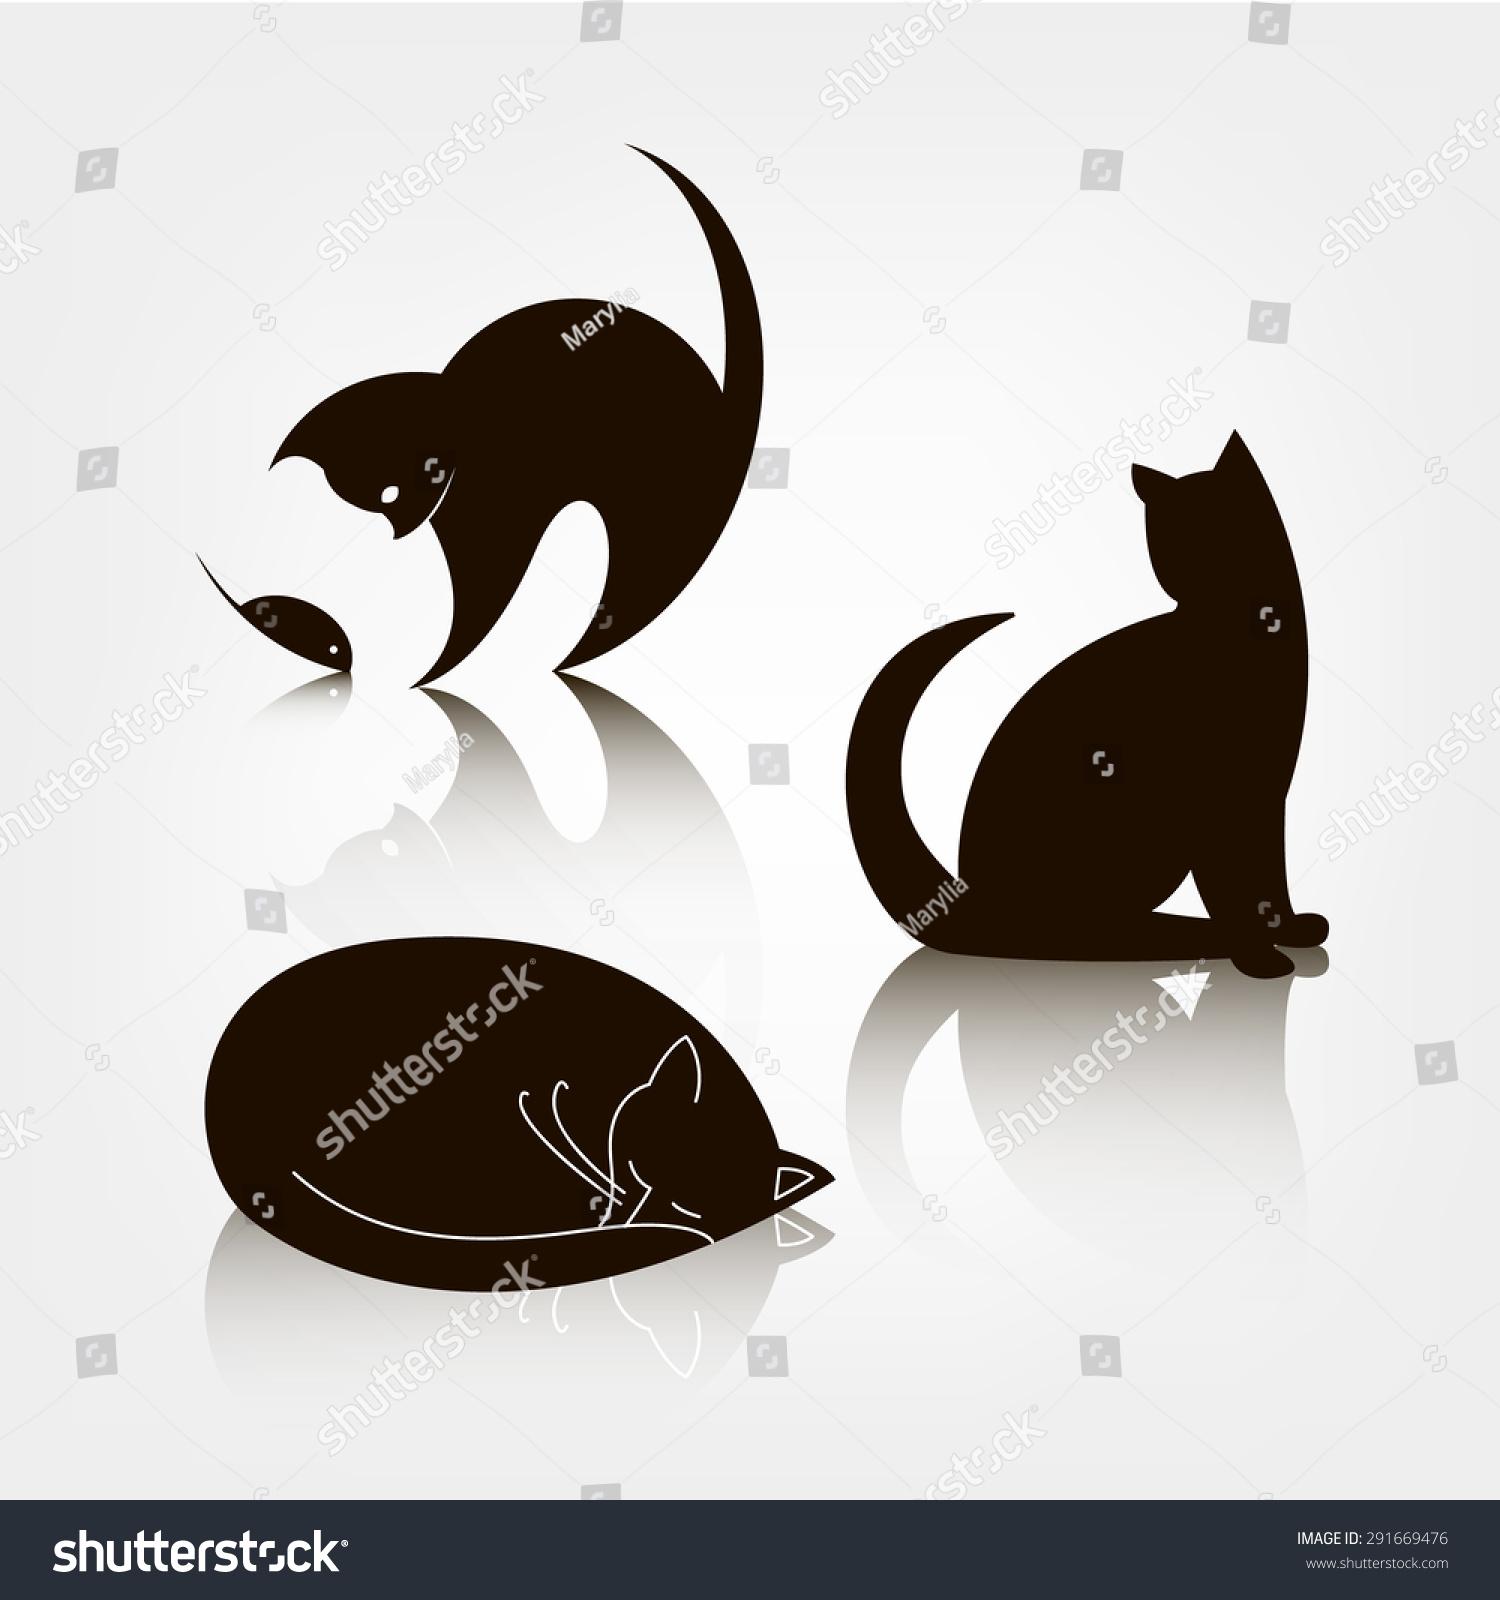 向量组的黑色剪影猫图标,标志模板.猫玩老鼠,猫,睡觉.